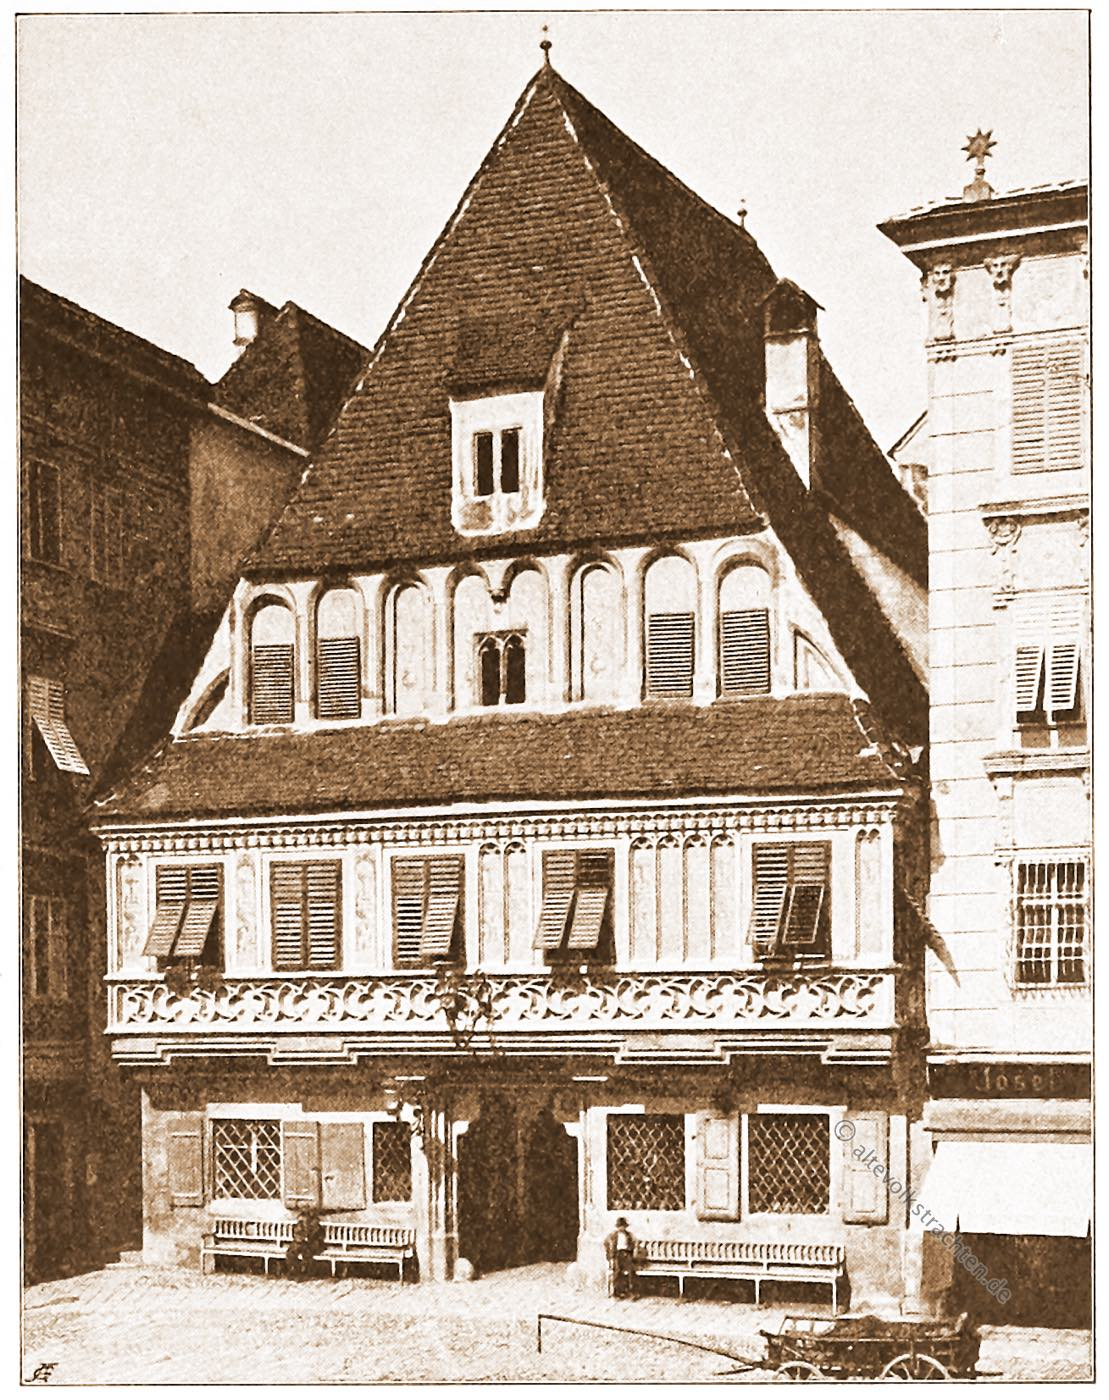 Steyr, Bummerlhaus, Wahrzeichen, Bürgerhaus, Oberösterreich, Wohnhaus, Stadtplatz, Architektur, Österreich, Stadtansicht, Hartwig, Fischel,